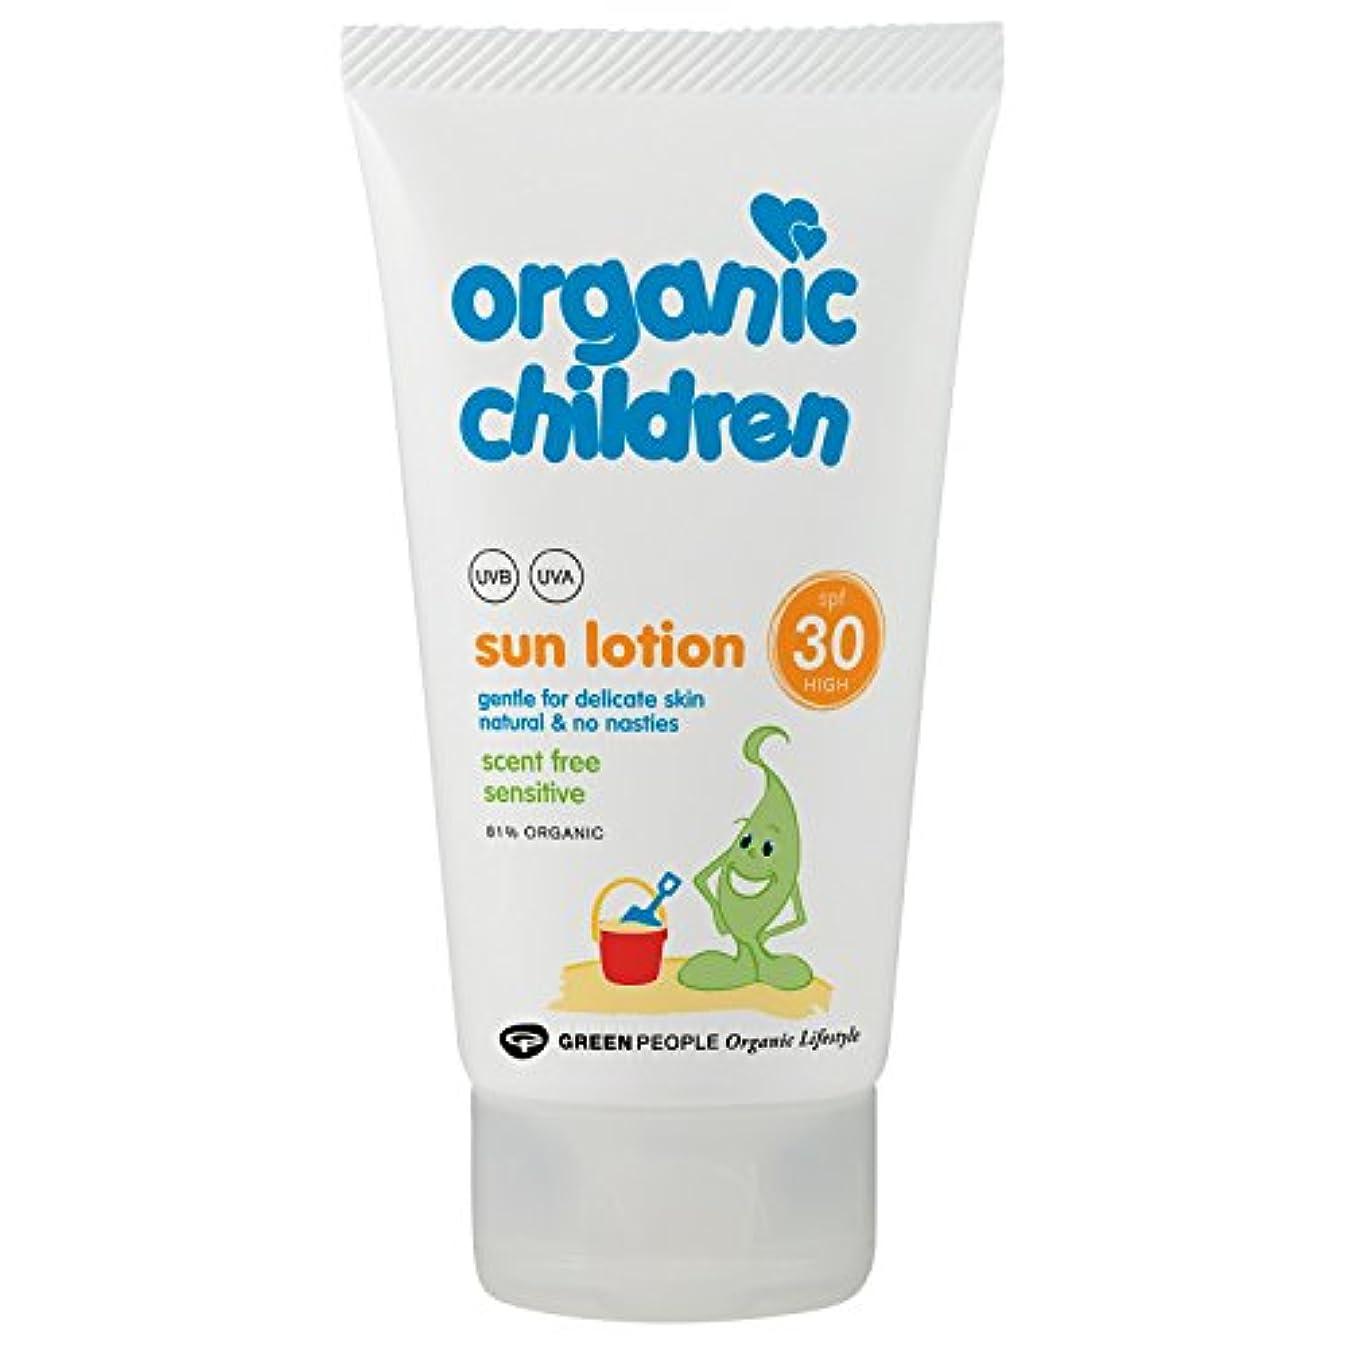 赤面廃止するピクニックをする有機子どもたちは30日のローション150グラムを x2 - Organic Children SPF 30 Sun Lotion 150g (Pack of 2) [並行輸入品]